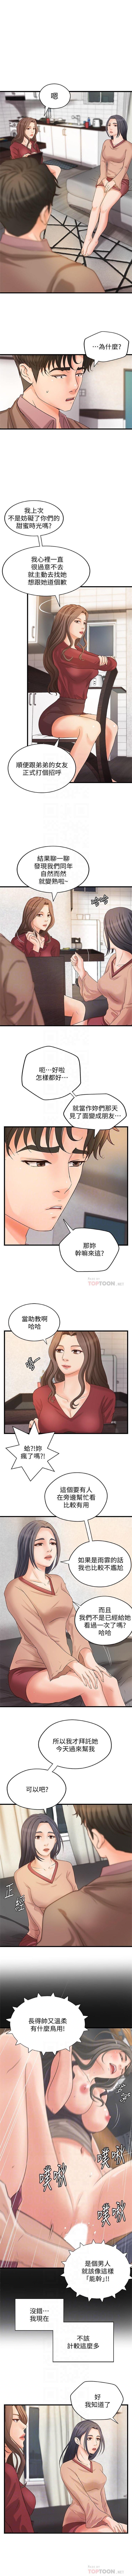 御姐的實戰教學 1-24 官方中文(連載中) 127